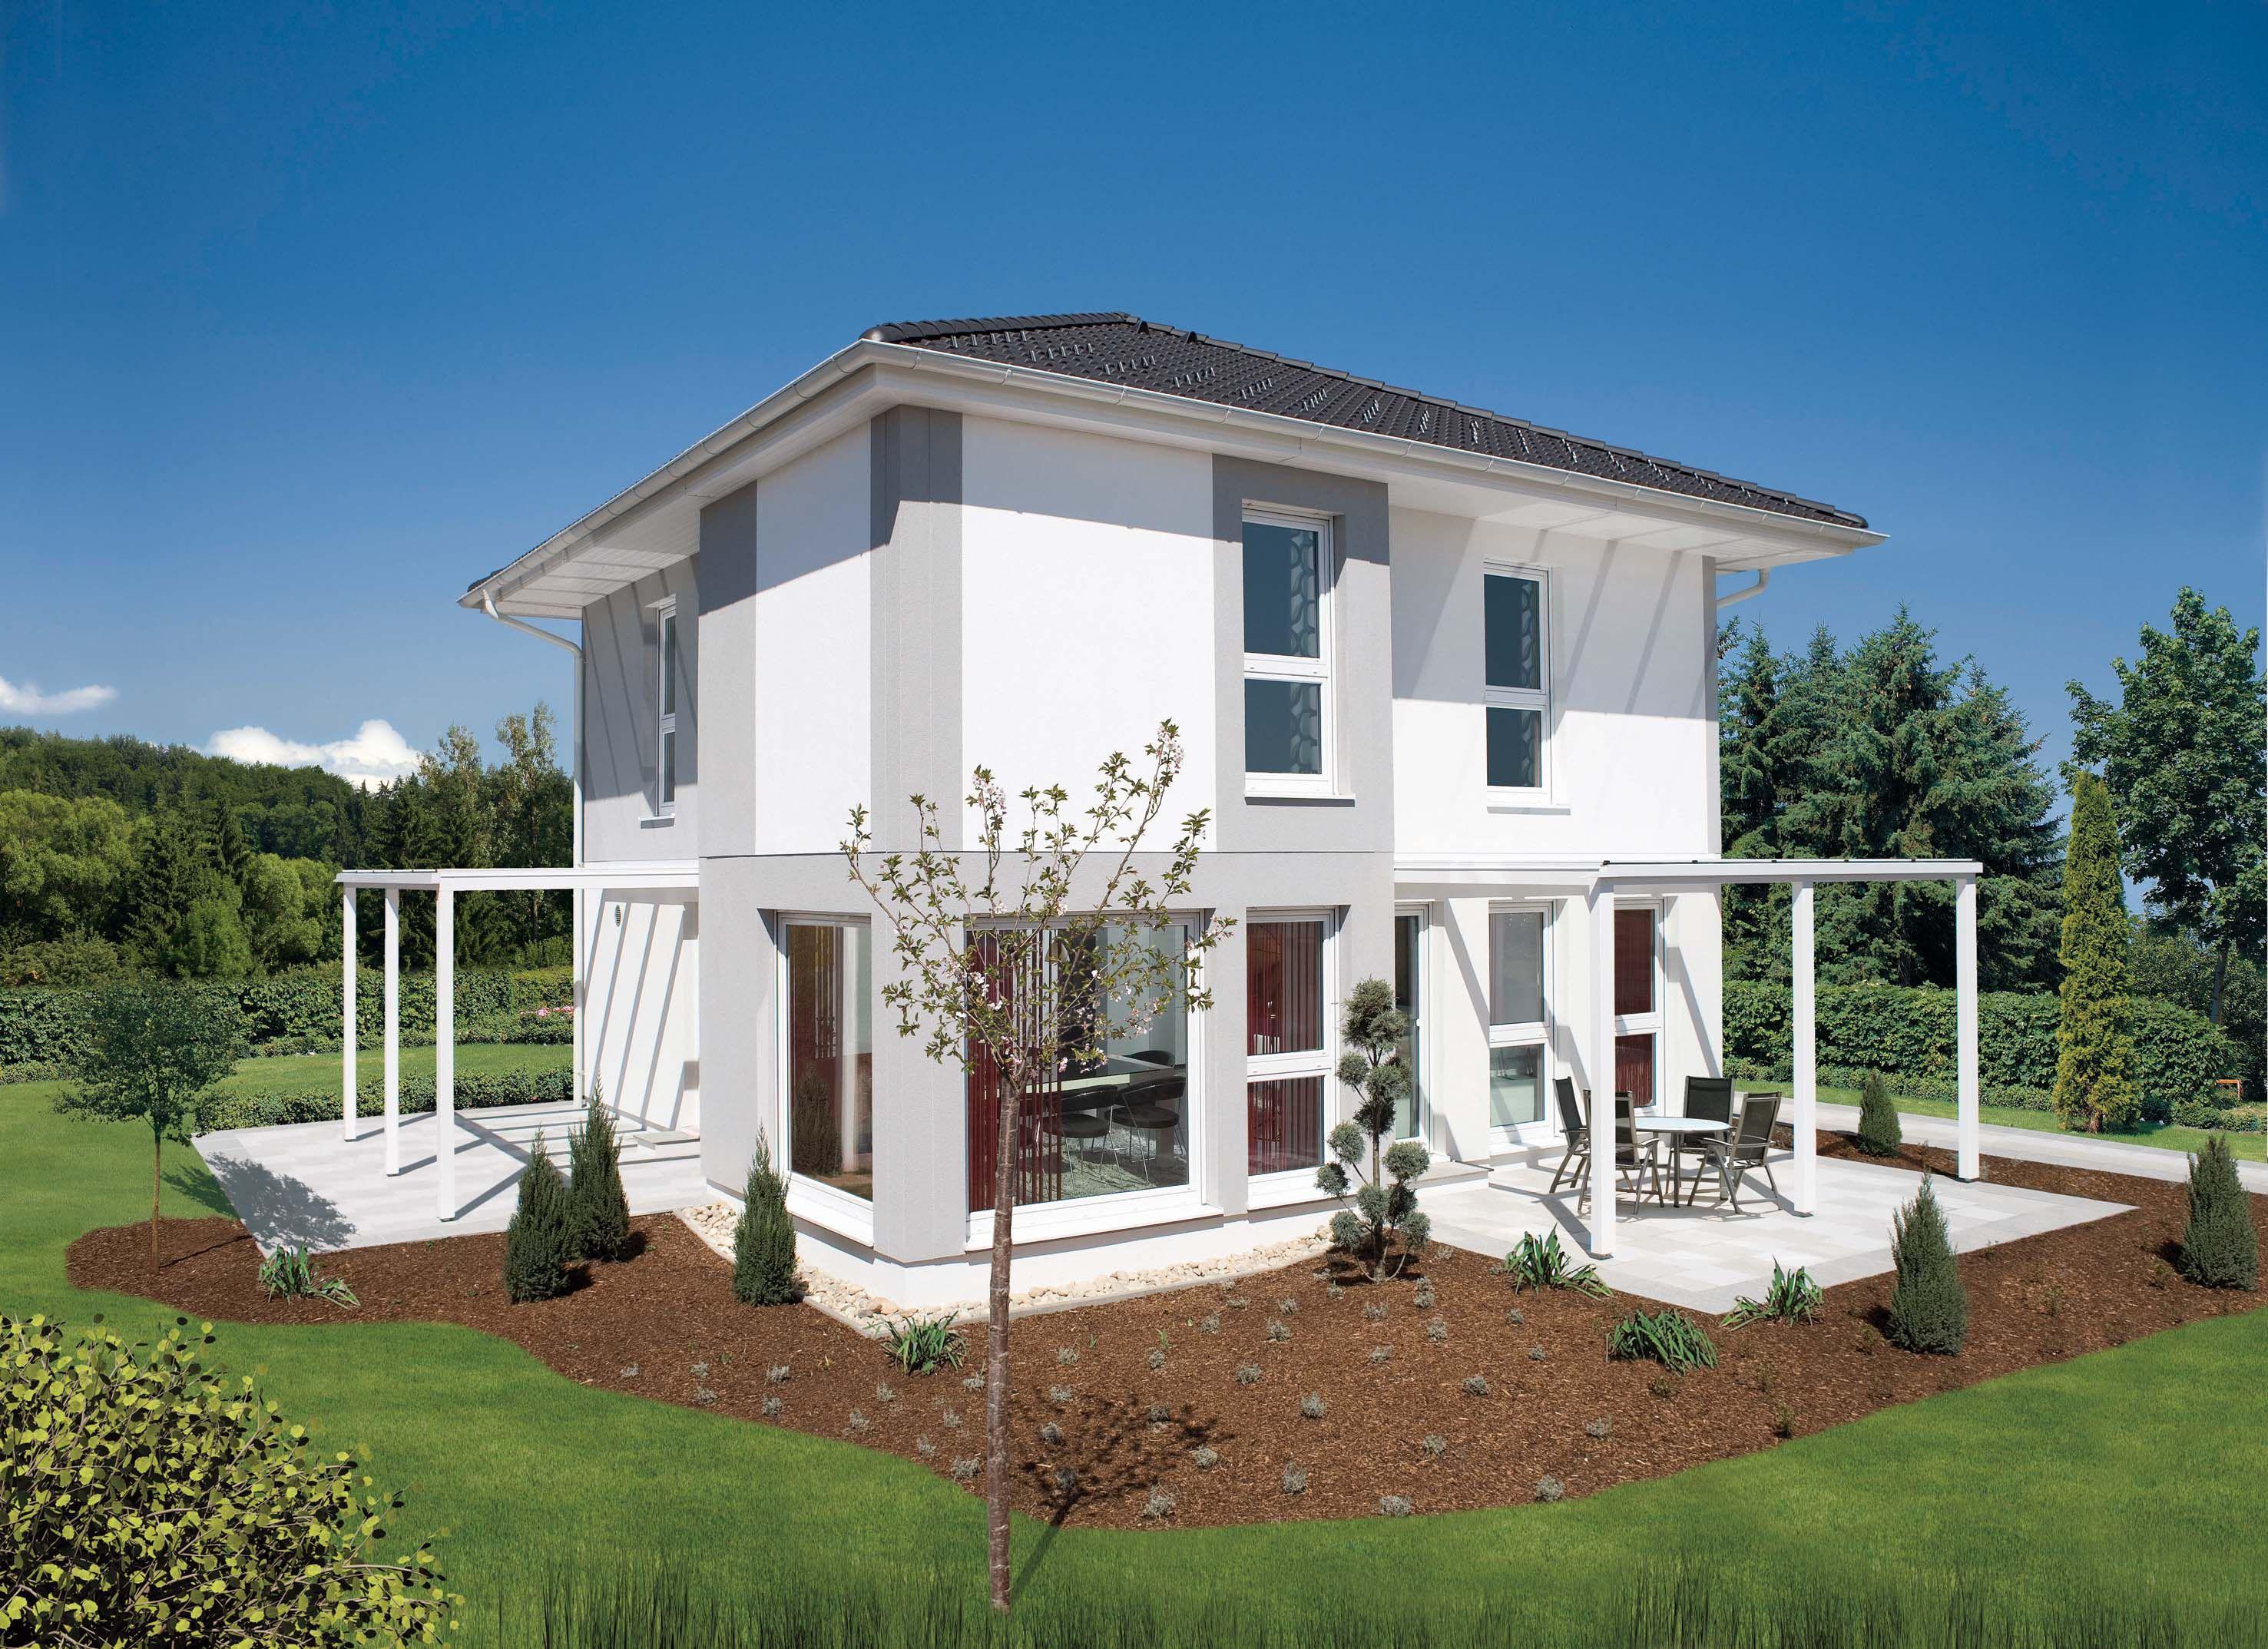 ELK Fertighaus GmbH. http//www.ungerpark.de/musterhaus